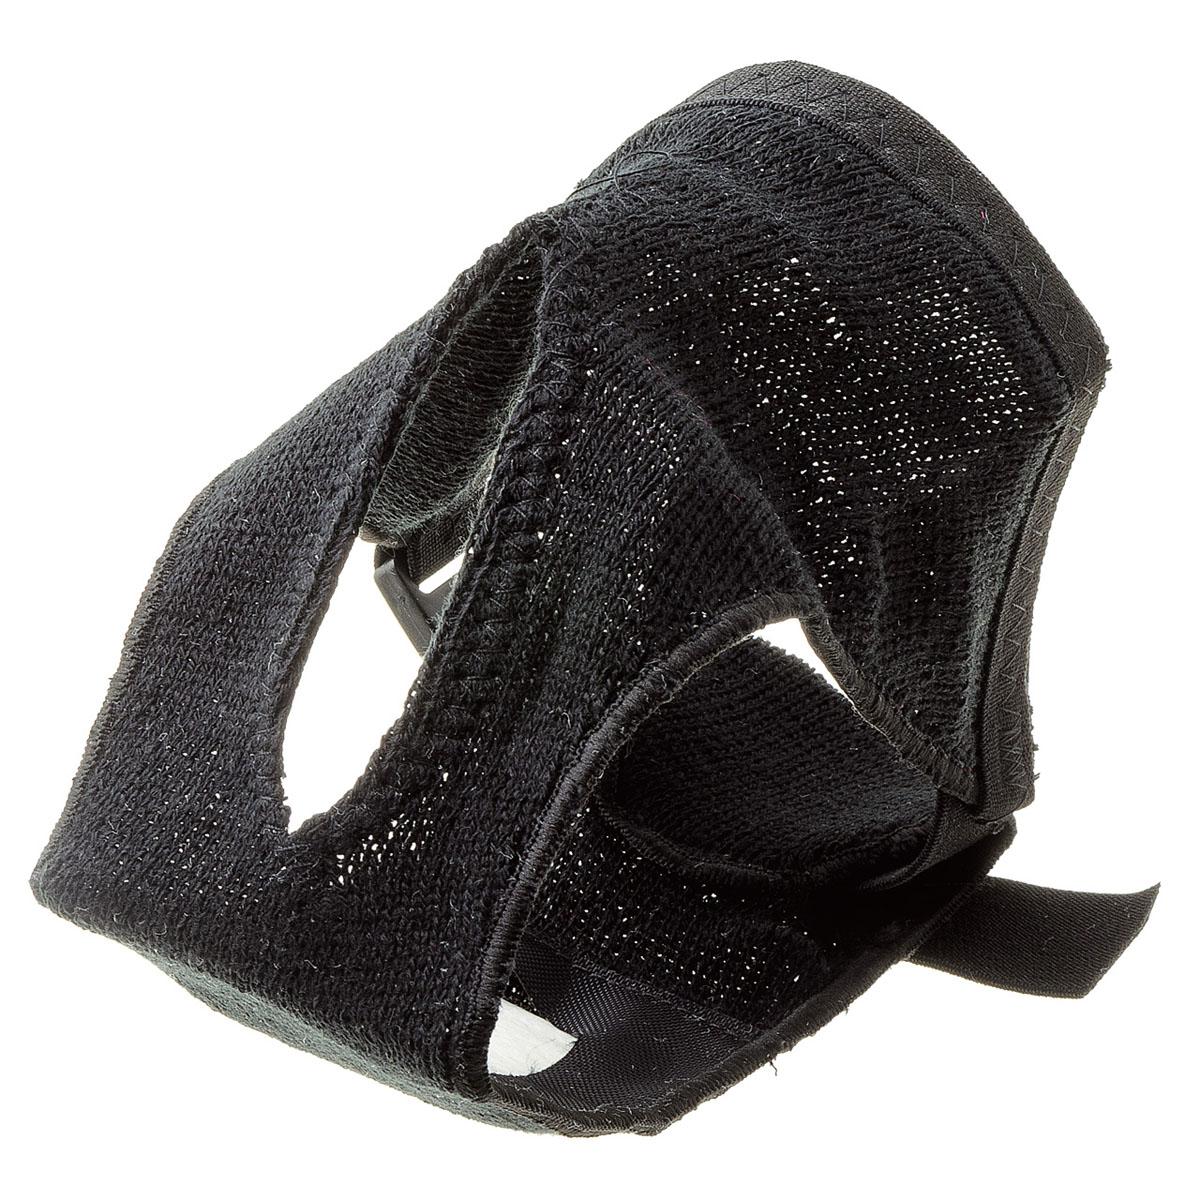 Трусы гигиенические Cameo №2. SP-12 депенд прокладки для взрослых женские норм 7